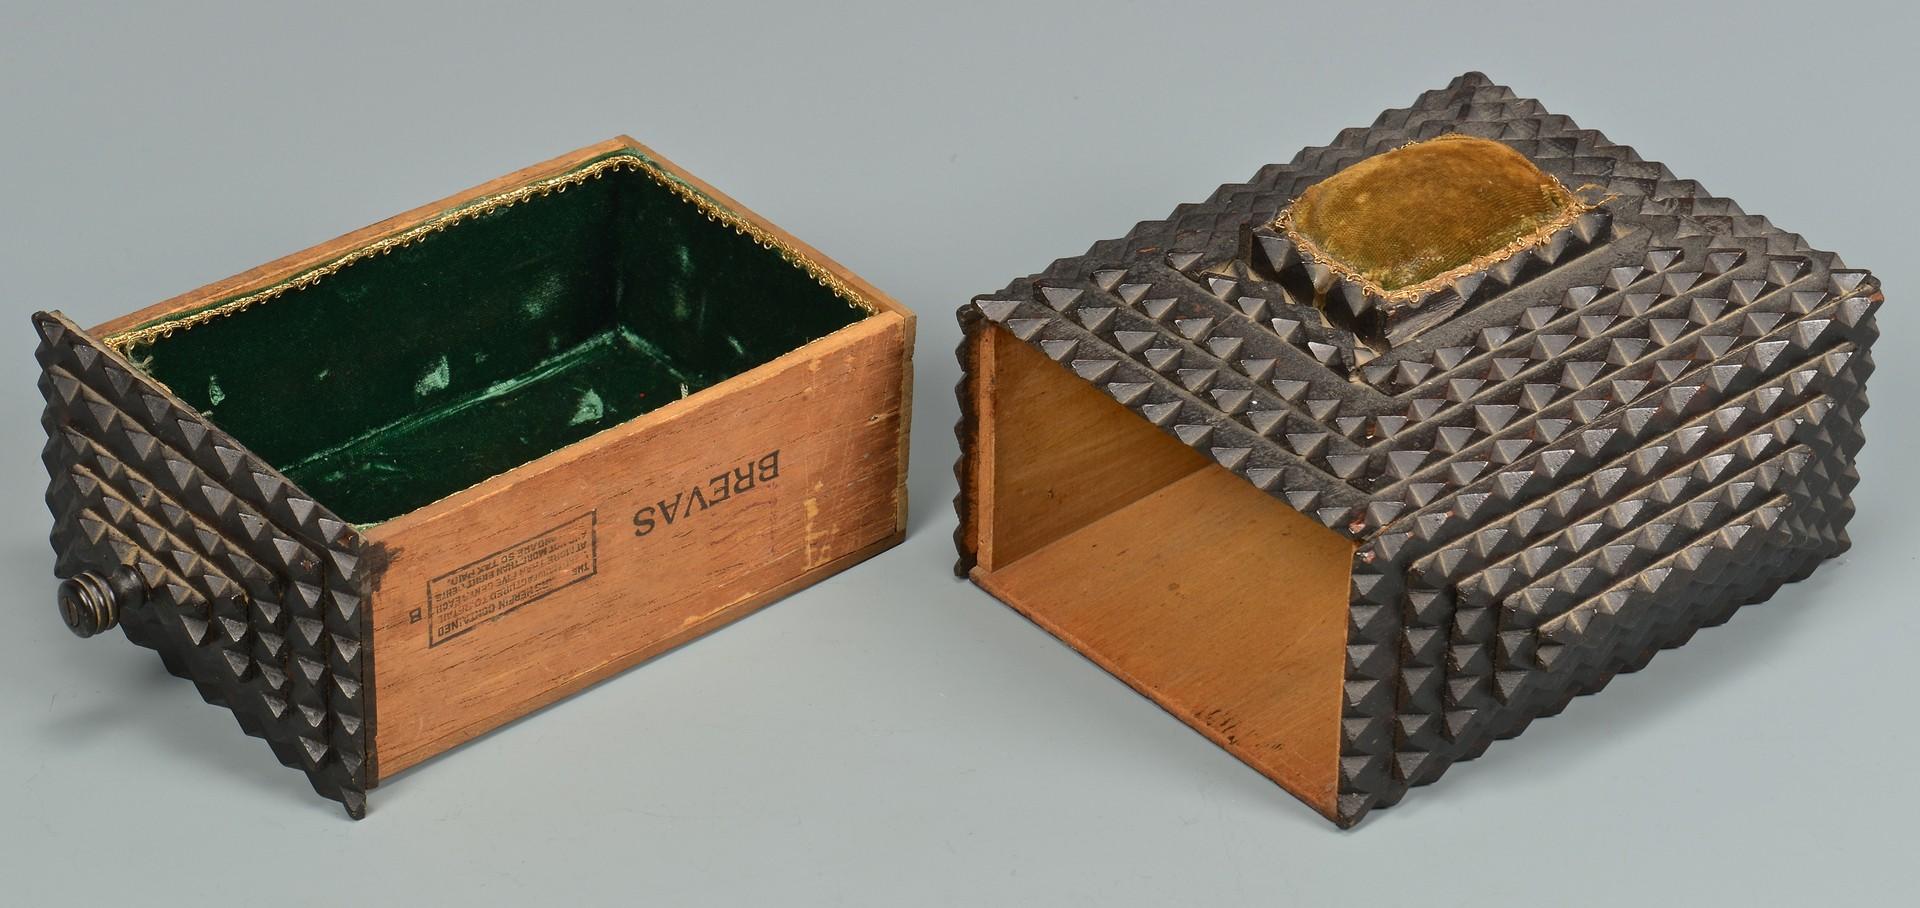 Lot 268: Folk Tramp Art Sewing Box w/ Contents